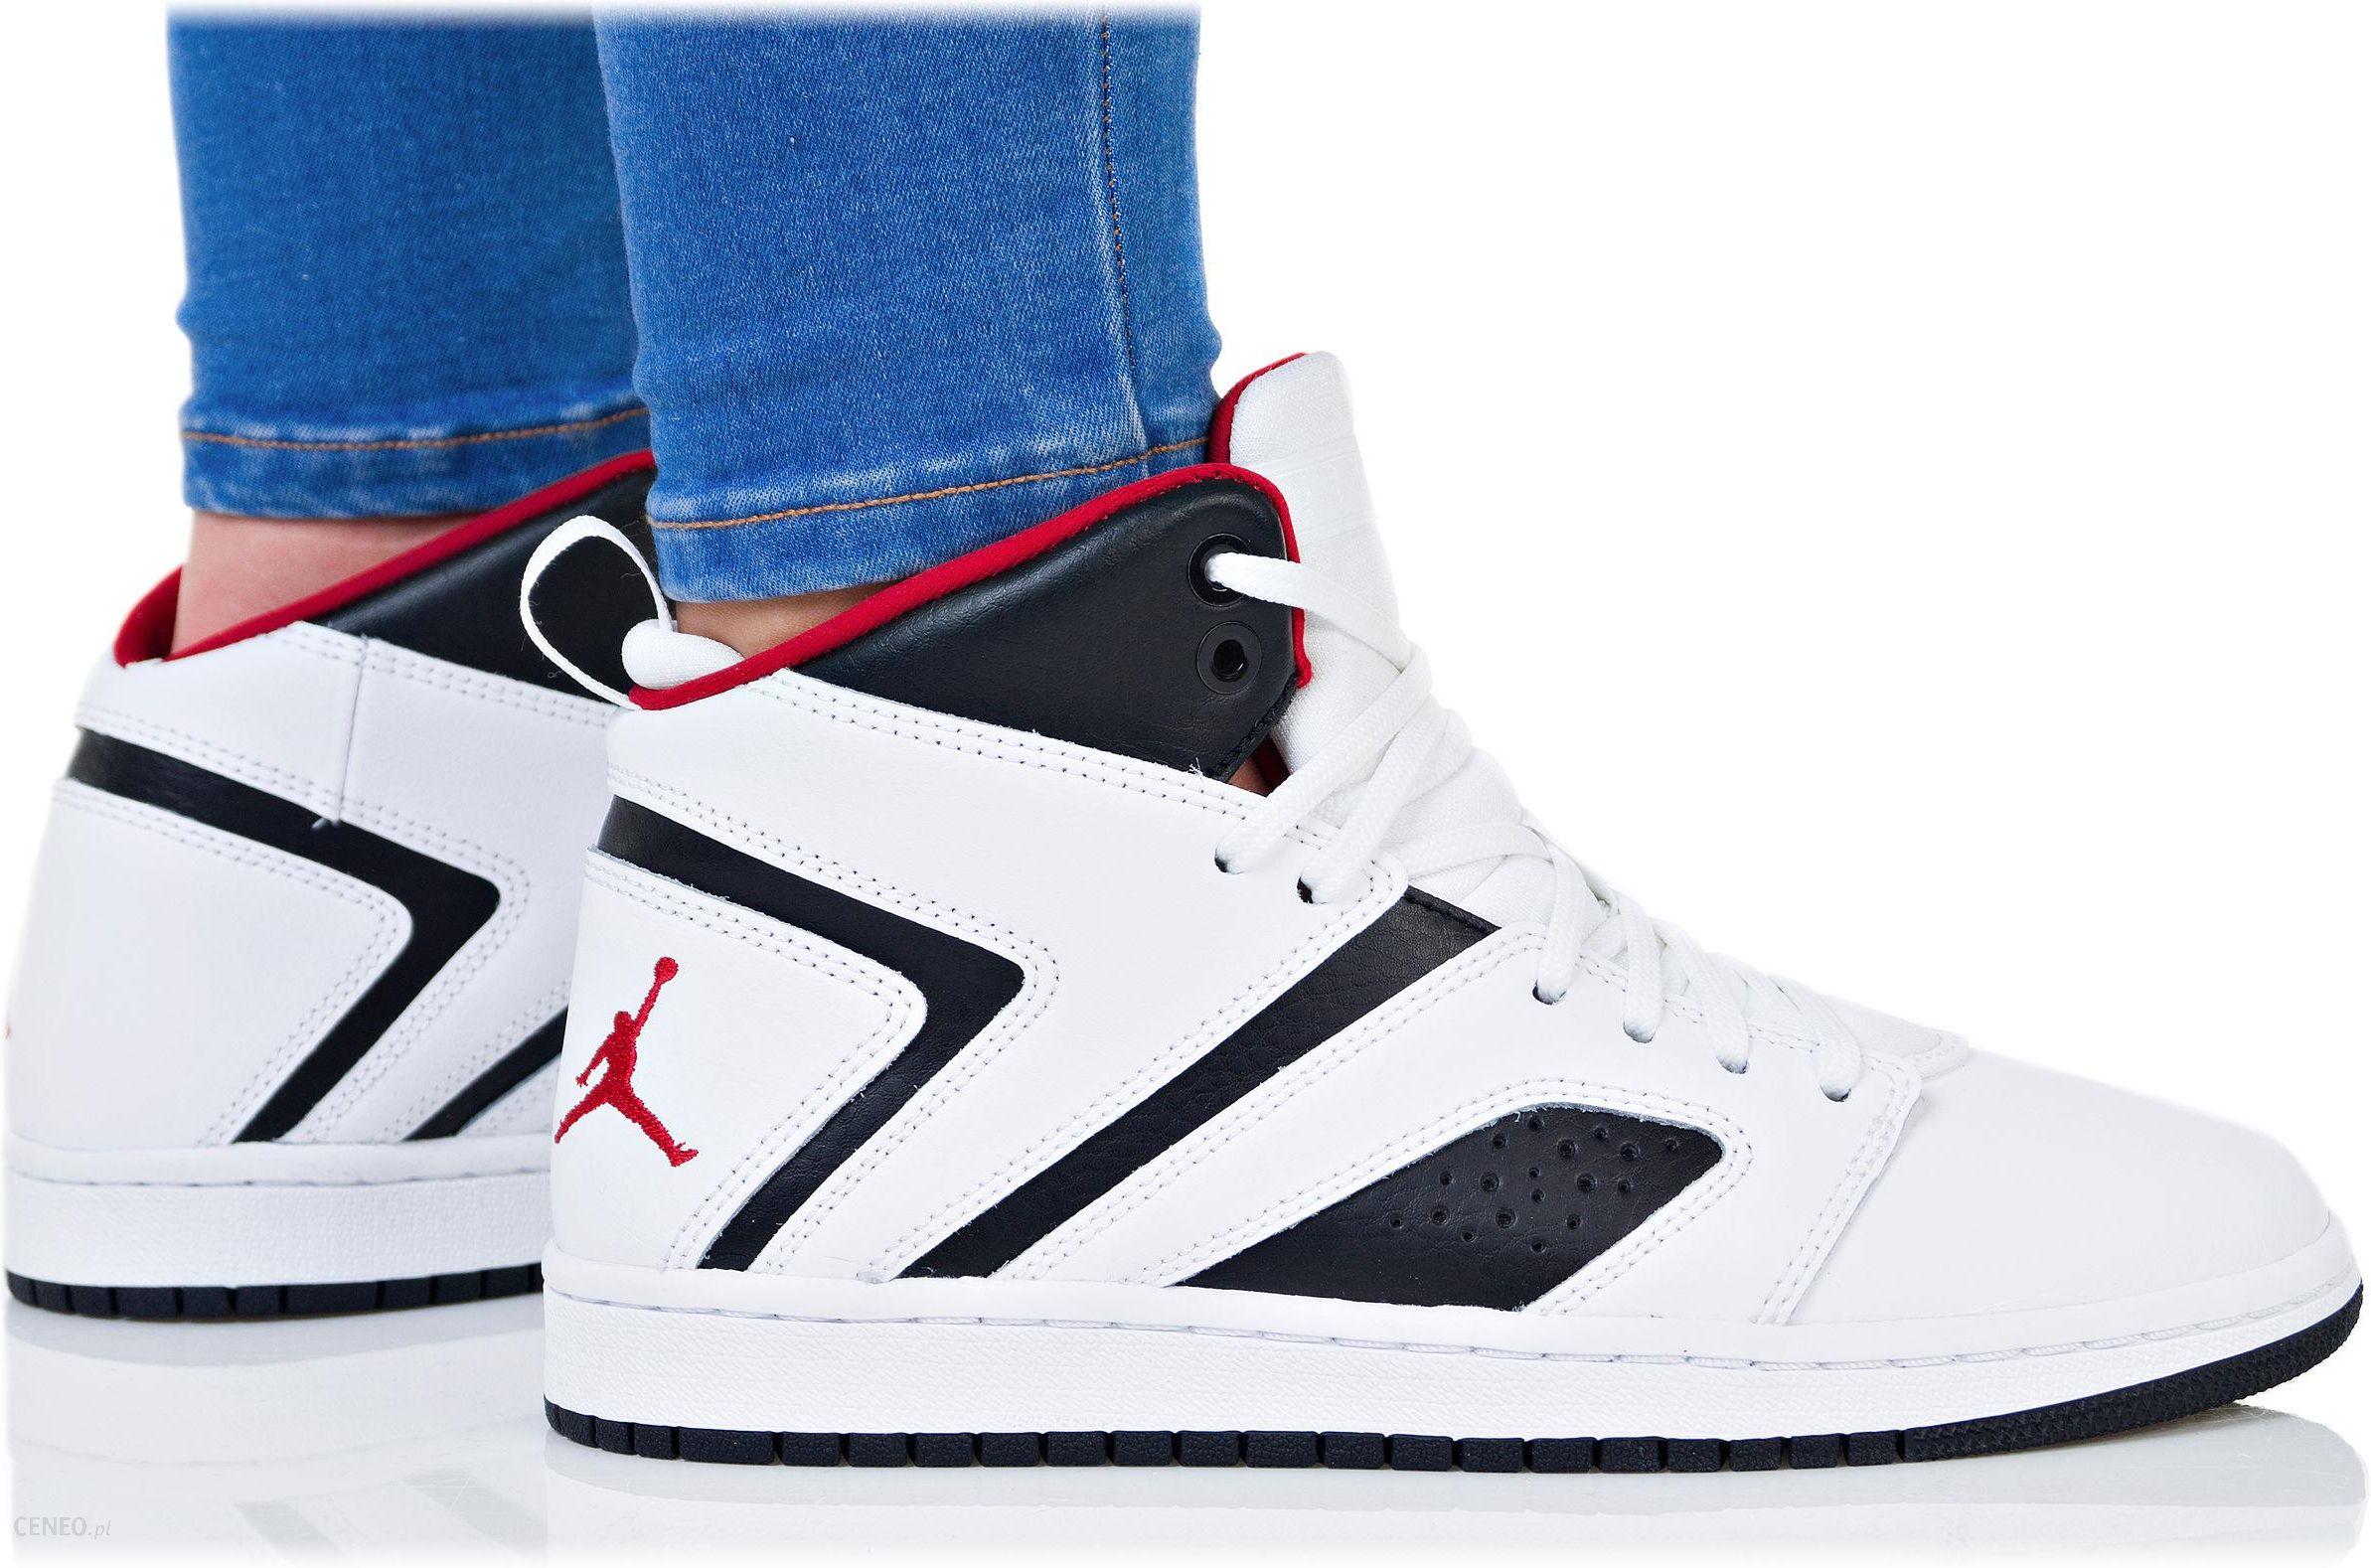 Buty Nike Jordan Flight Legend Bg AA2527 112 Białe Ceny i opinie Ceneo.pl